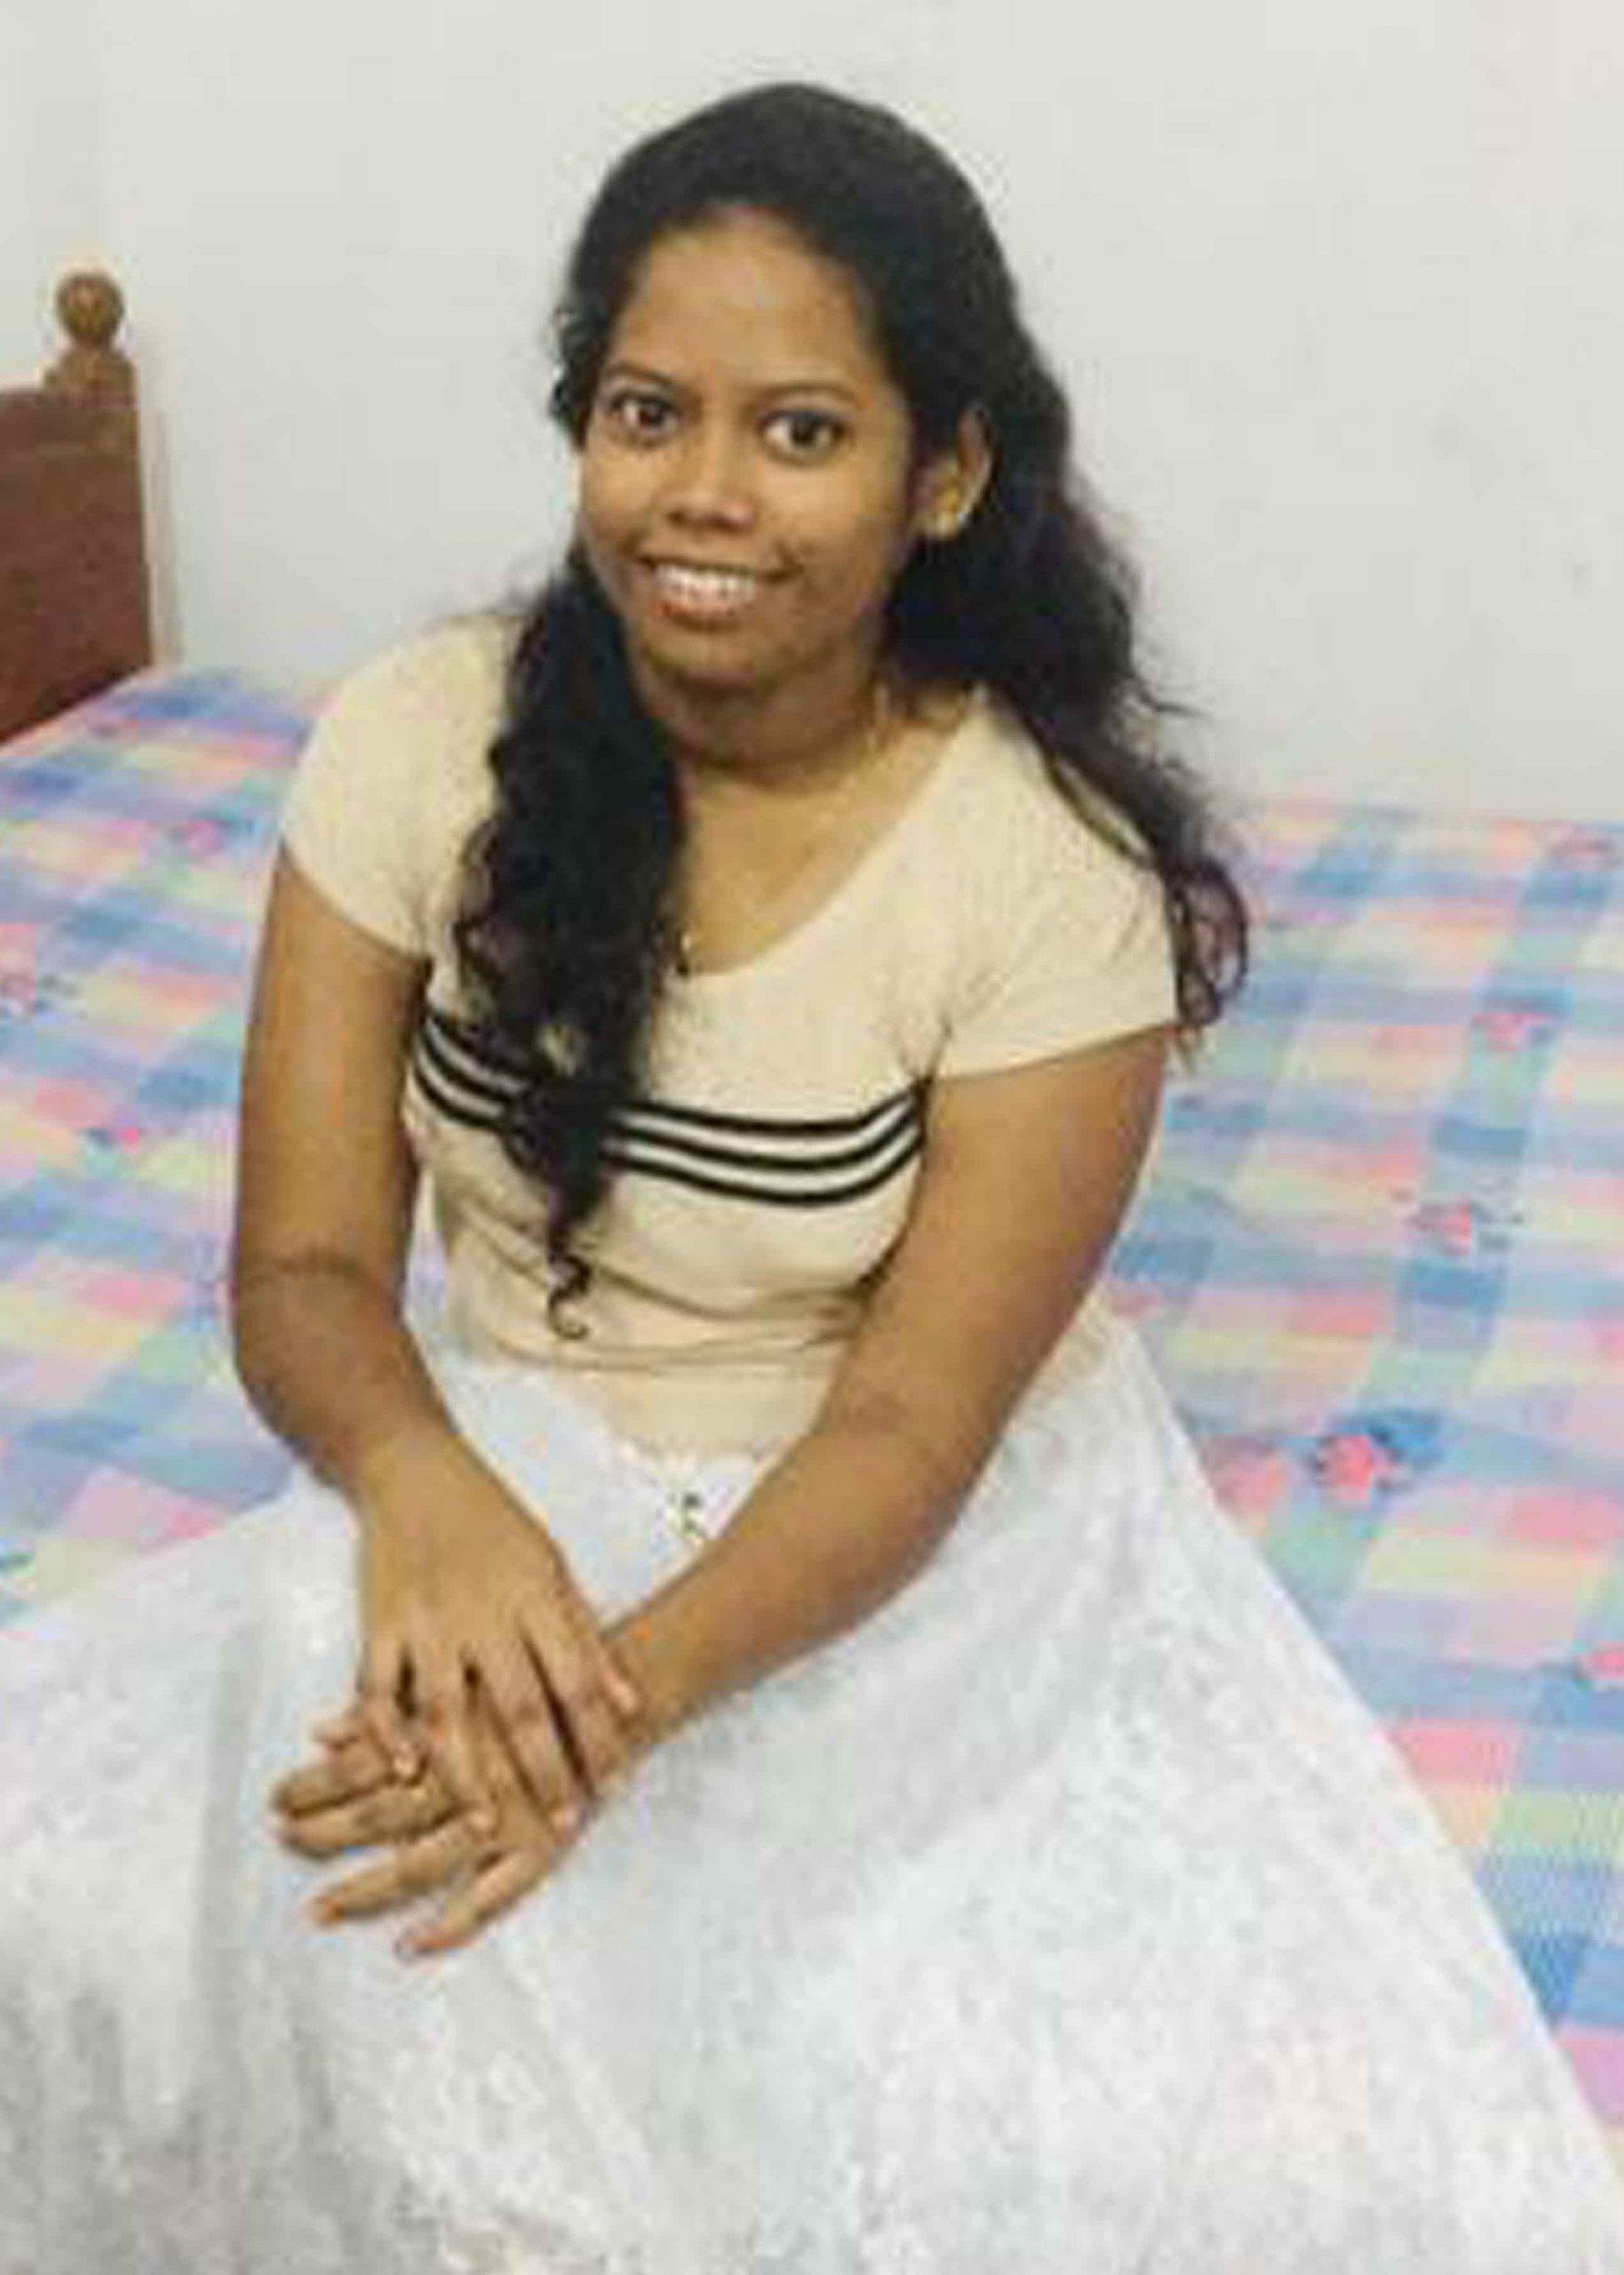 Vihansa Wathsani